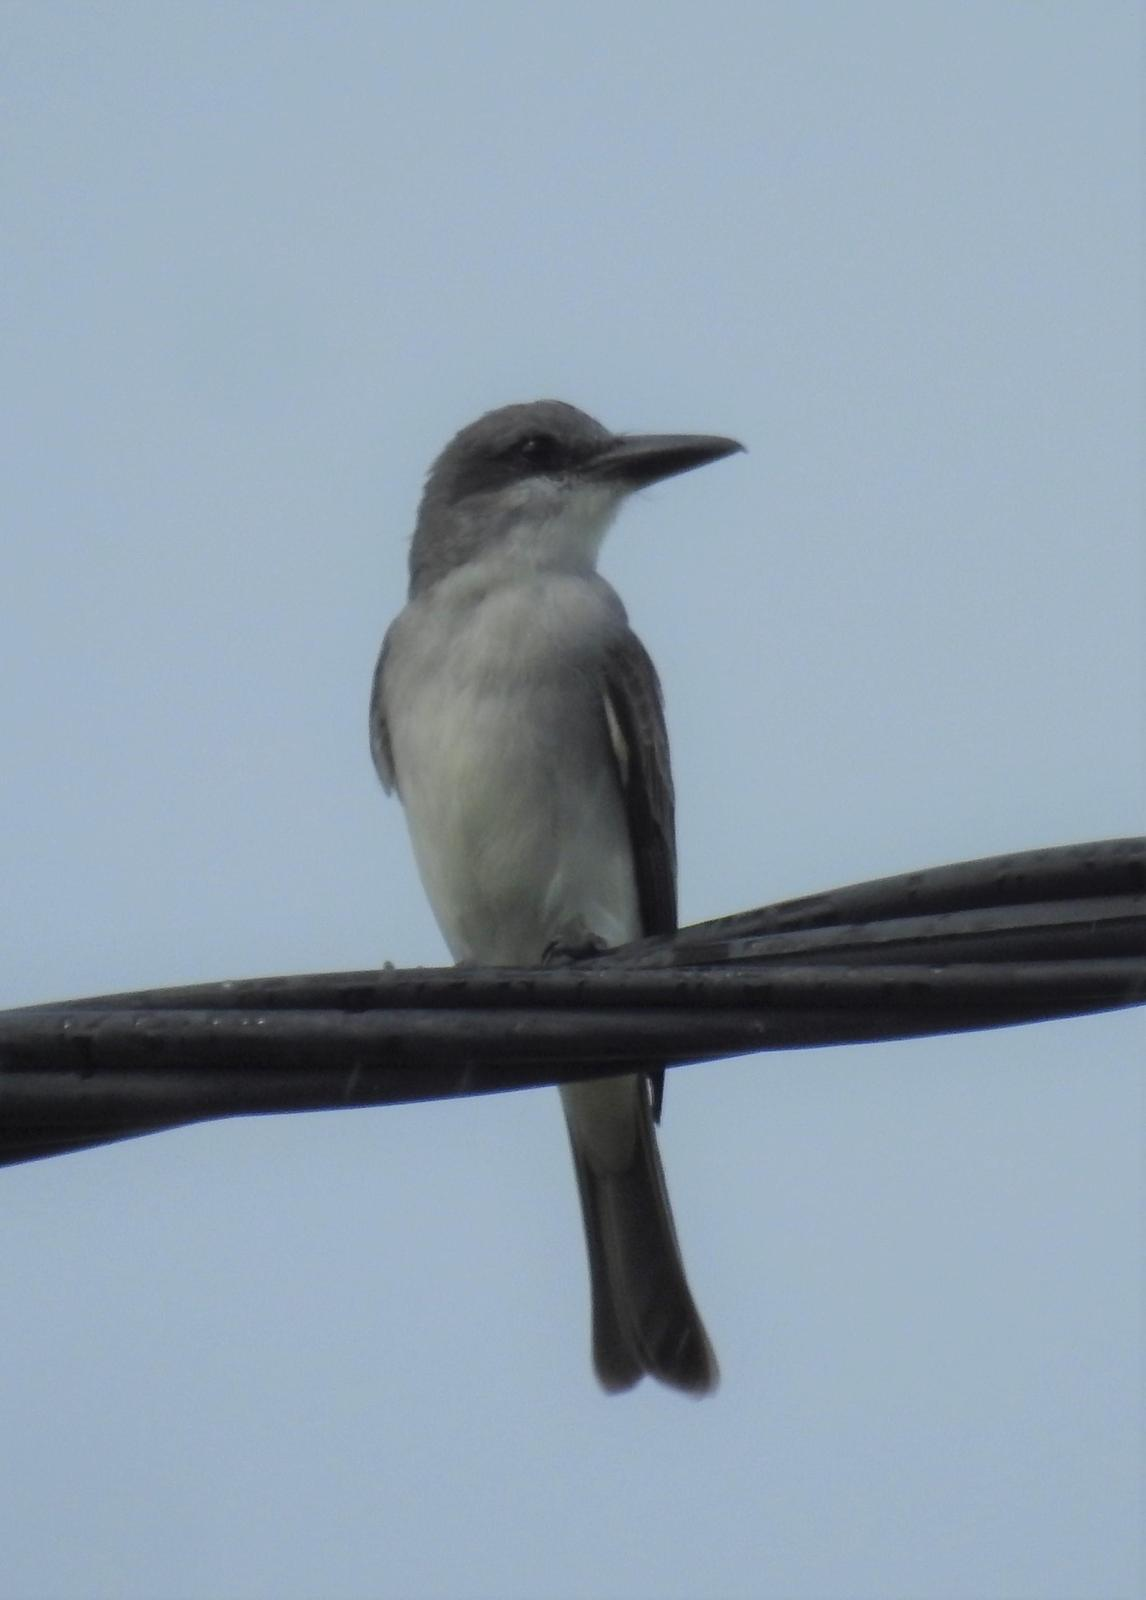 Gray Kingbird Photo by John Licharson